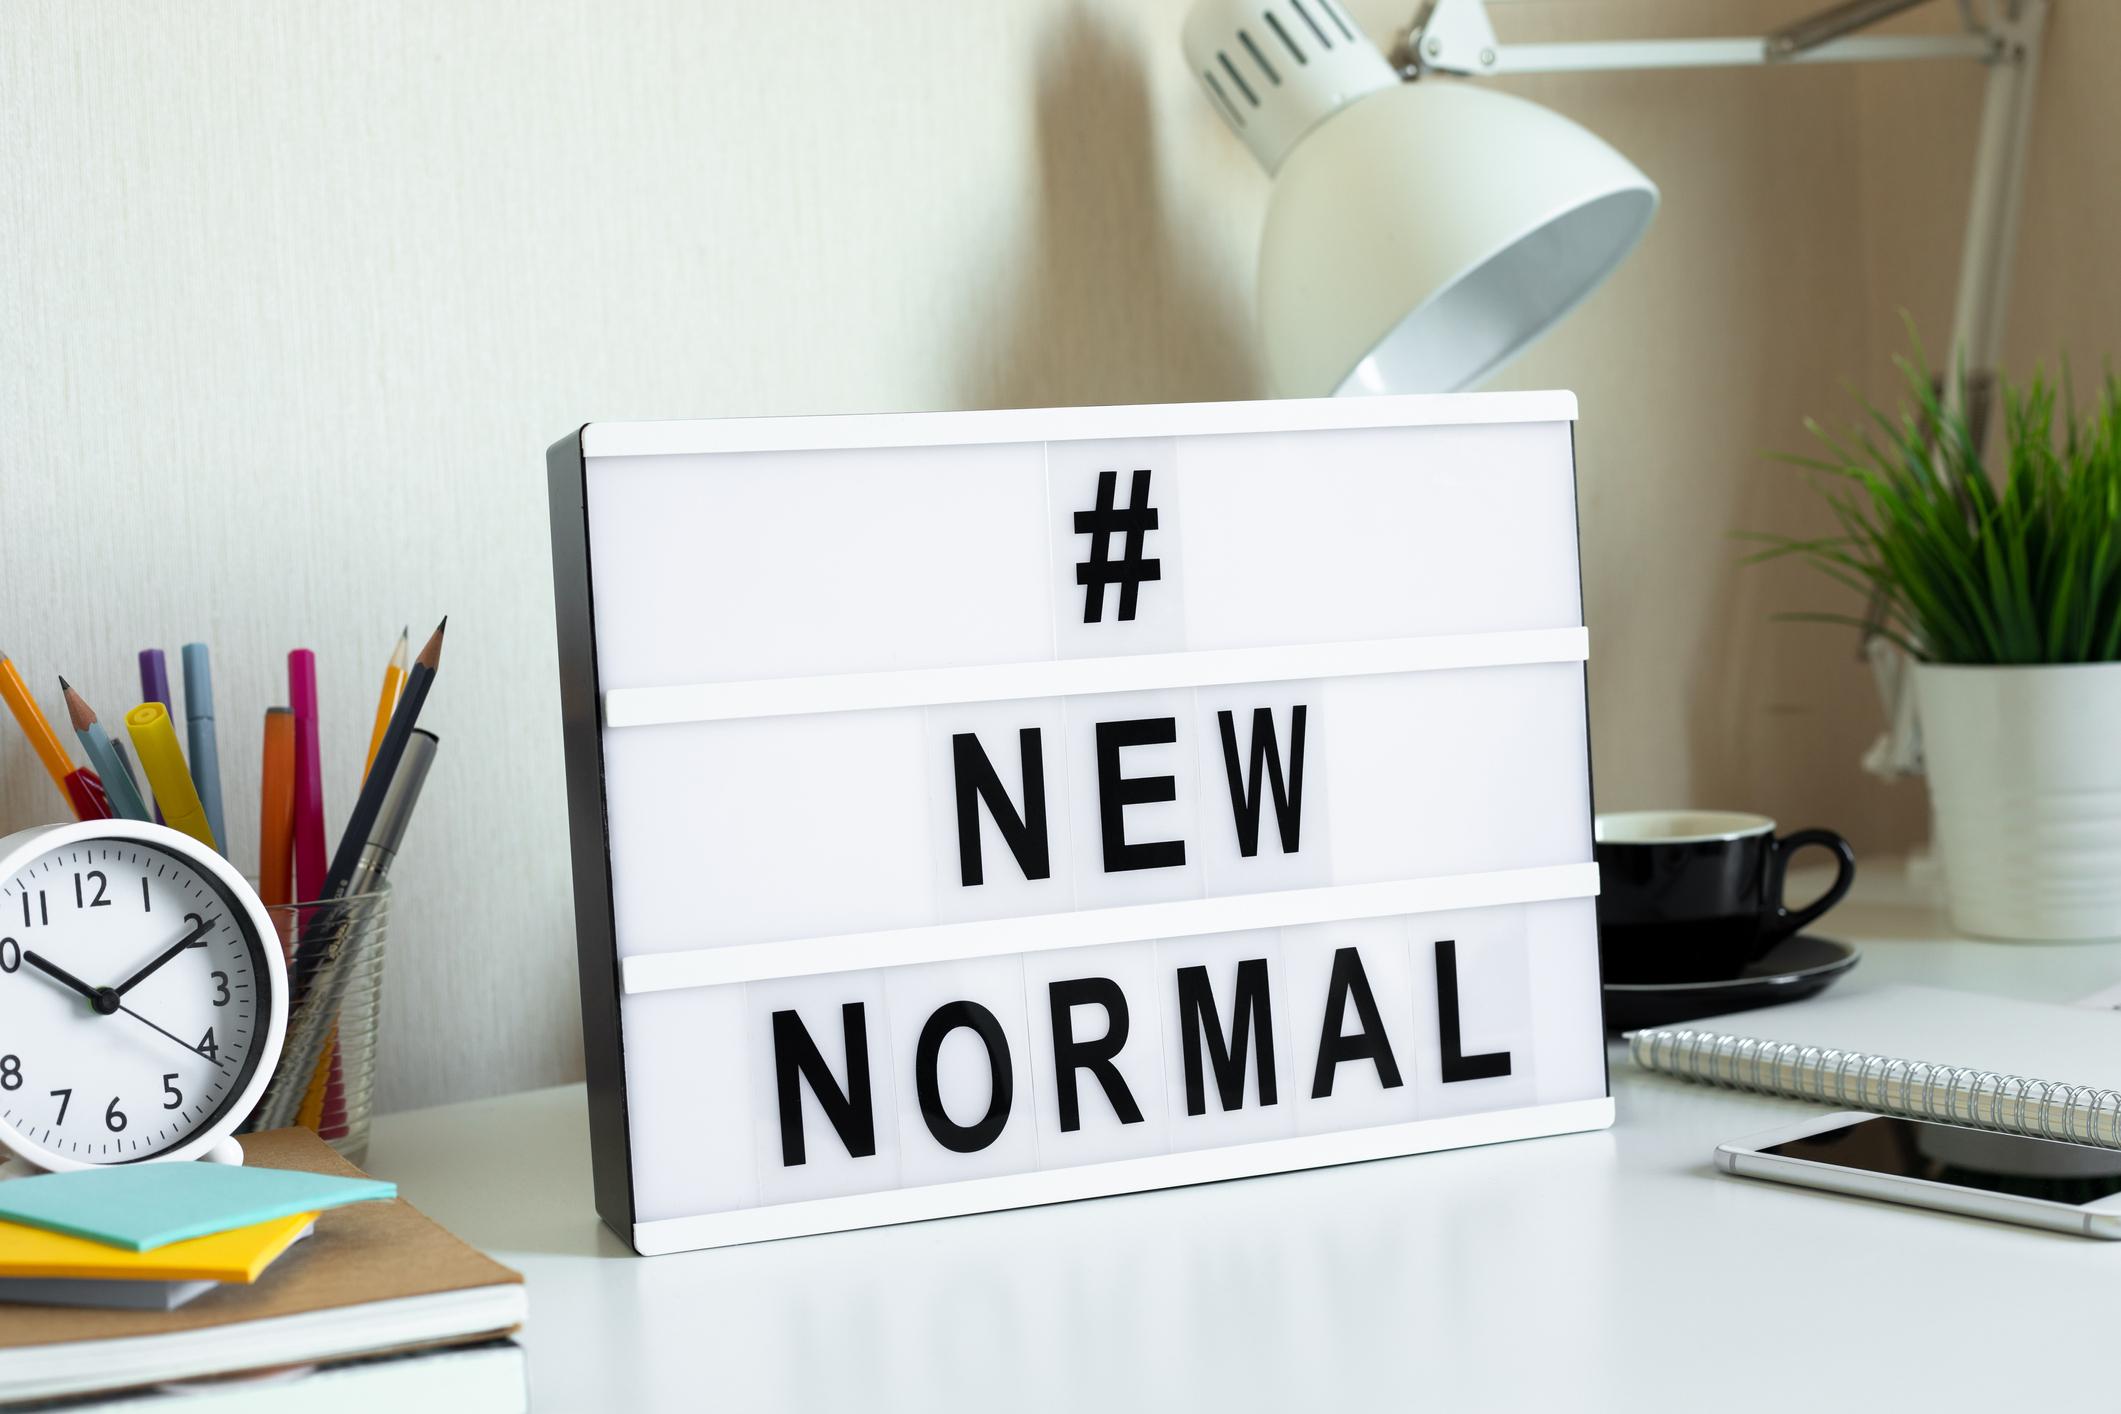 Placa escrita novo normal - marketing digital